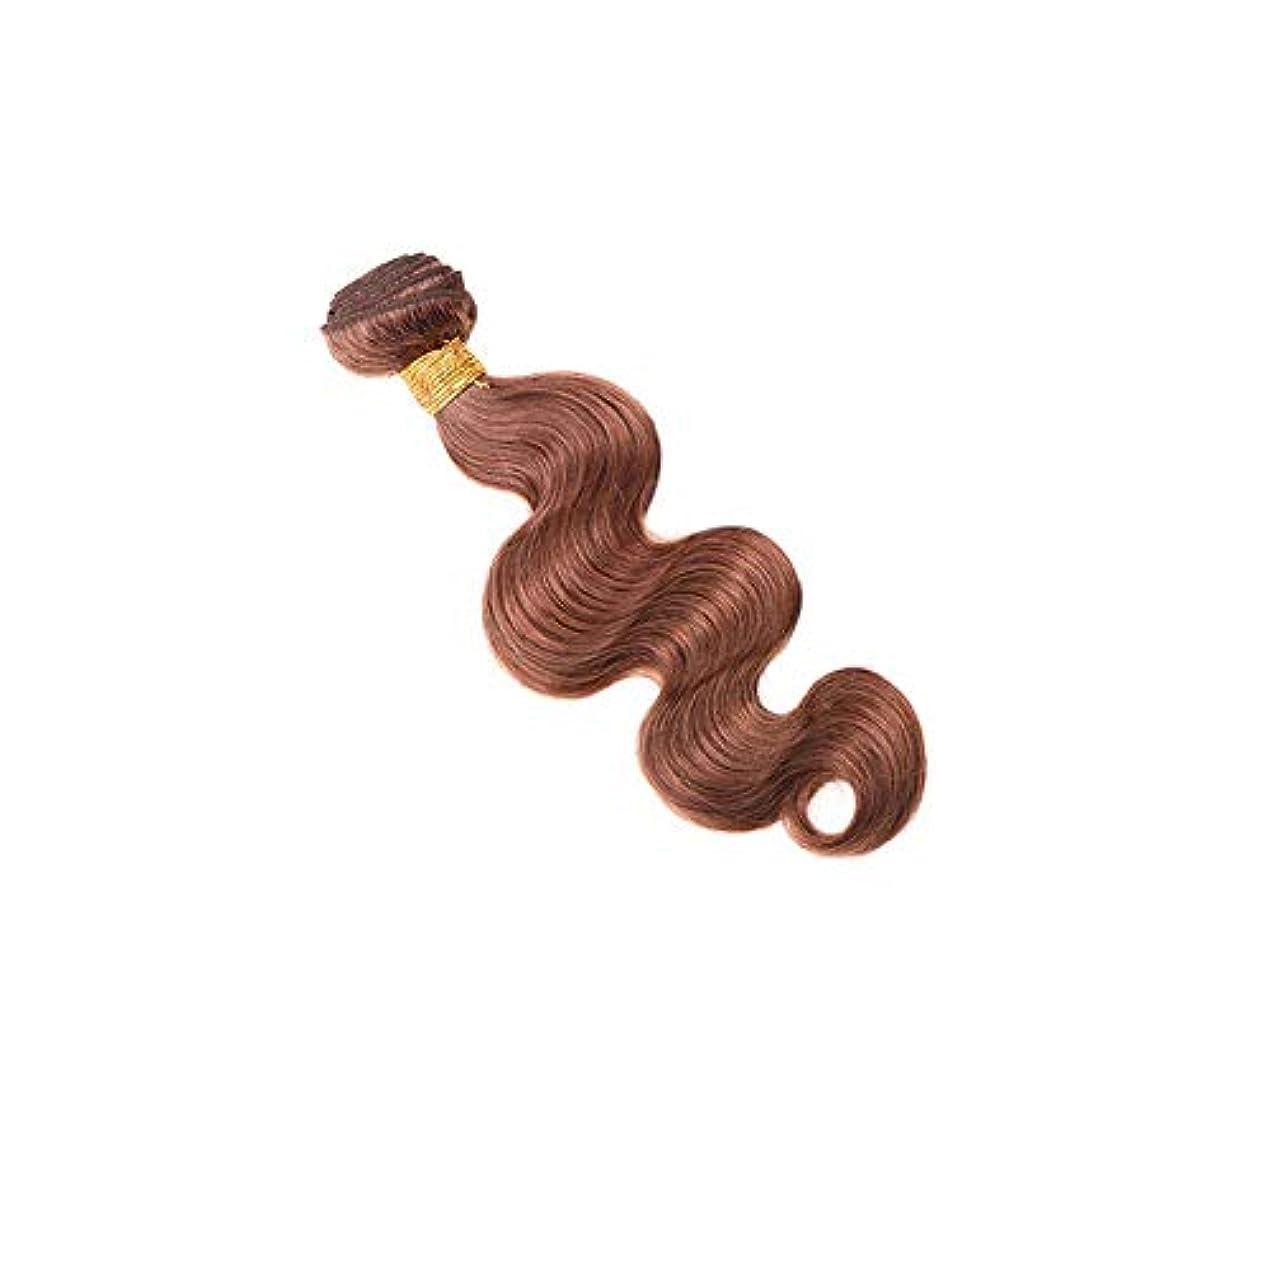 当社配管件名HOHYLLYA 実体波ヘアエクステンション人間の髪の毛100g / 1束ブラジルの髪織り横糸 - 30#ブラウン色(10